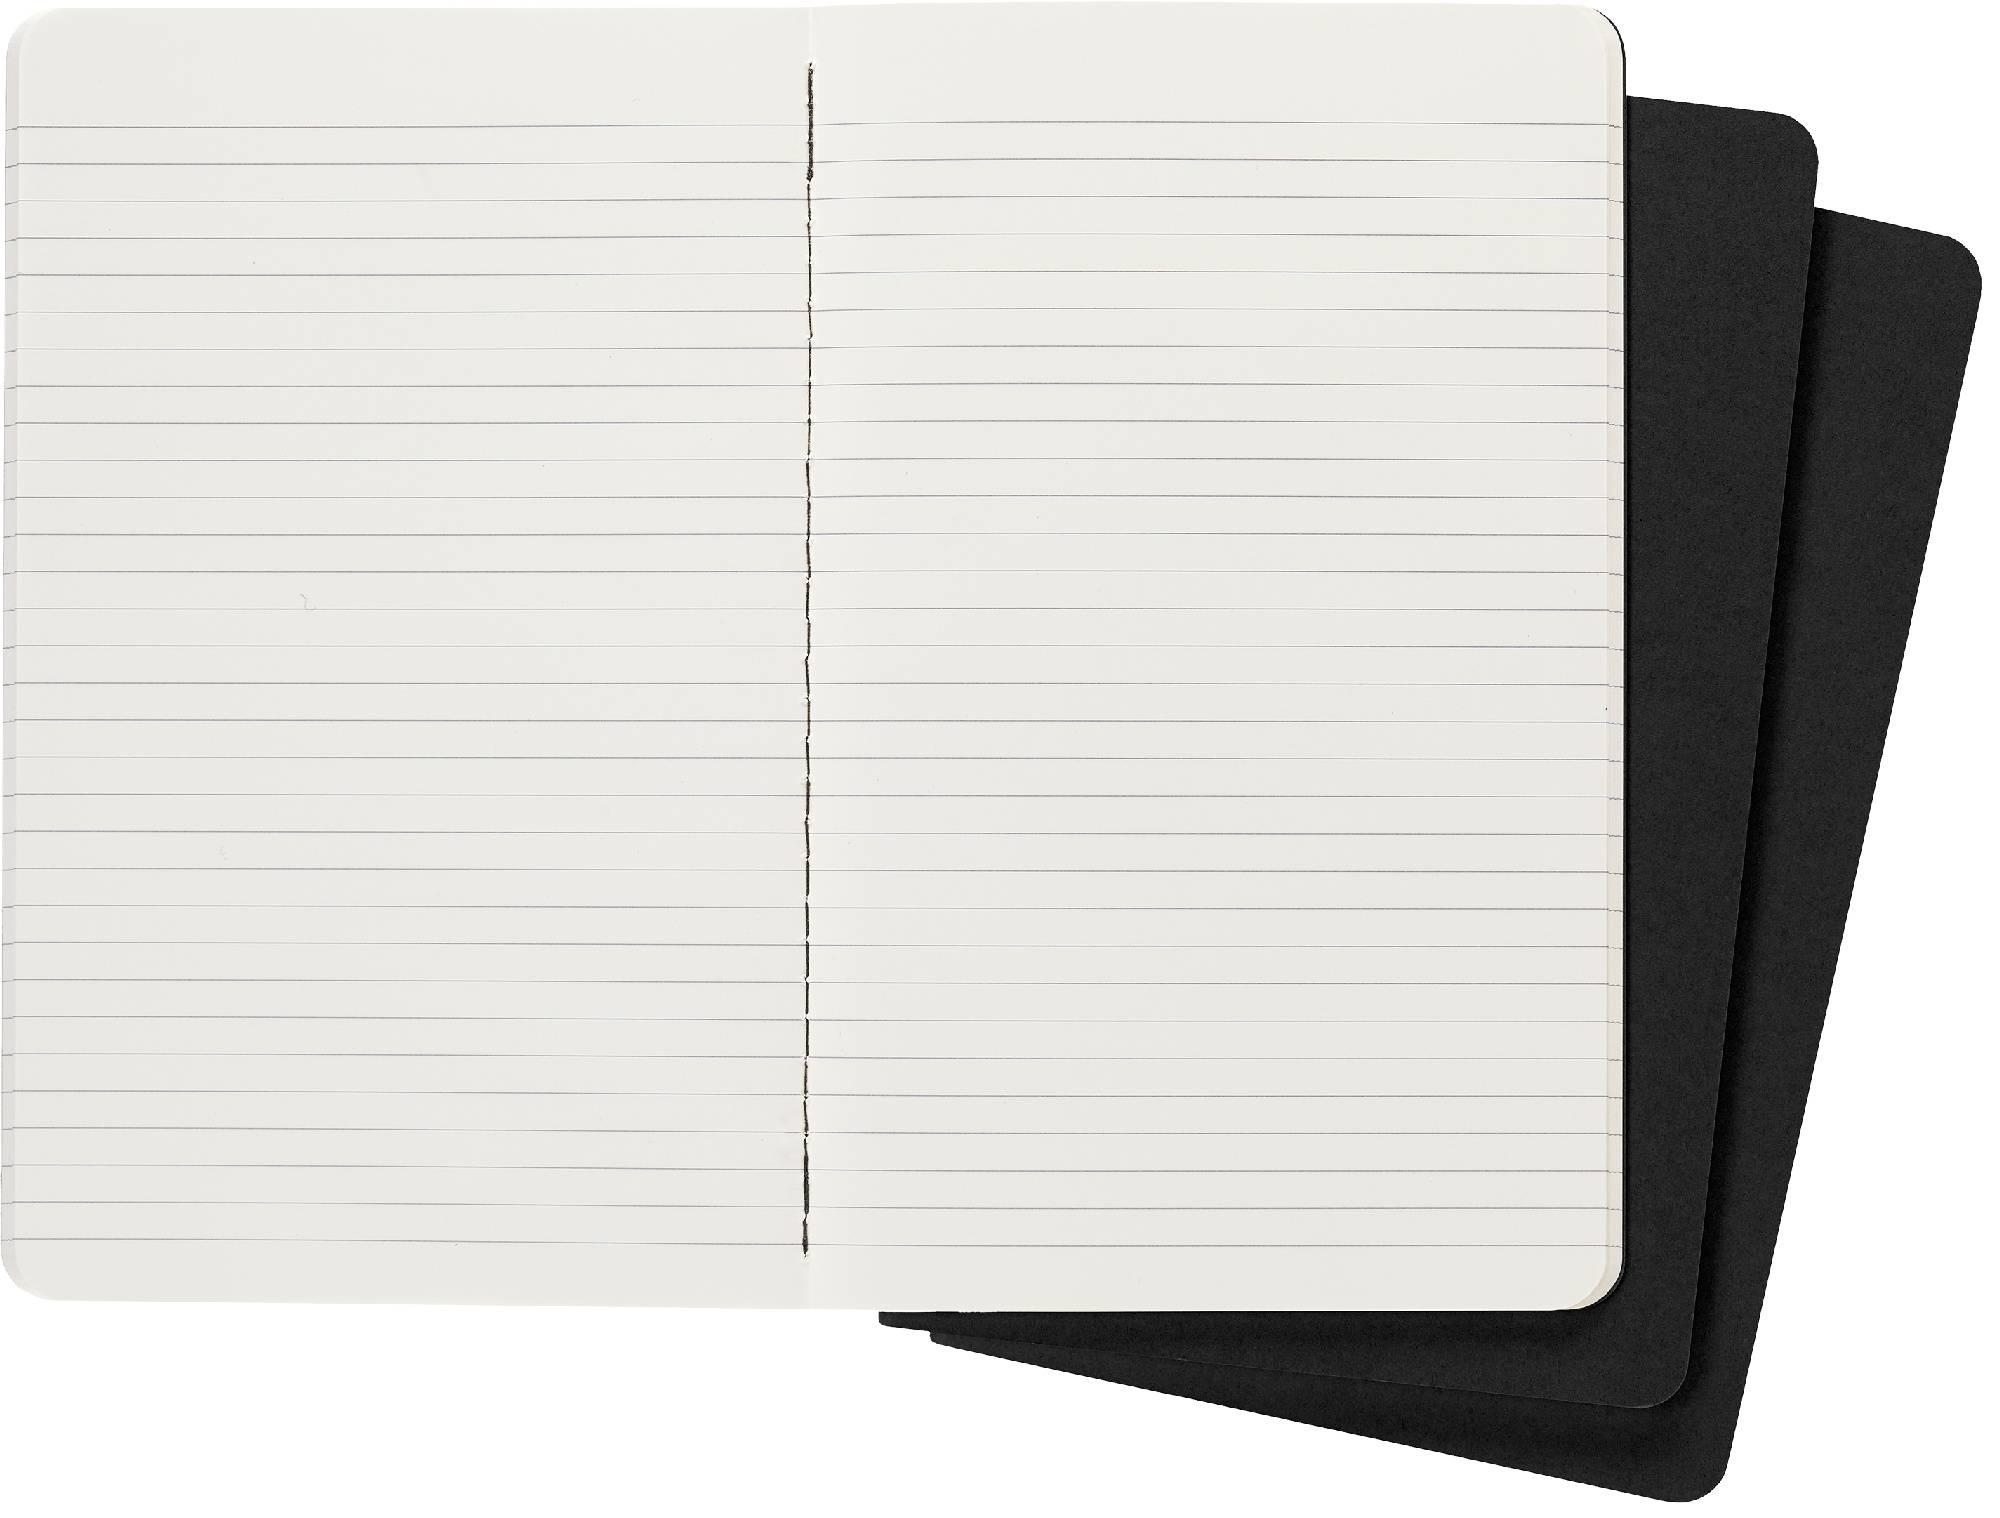 Блокнот Moleskine CAHIER JOURNAL 130х210мм обложка картон 80стр. линейка черный (3шт) - фото 3